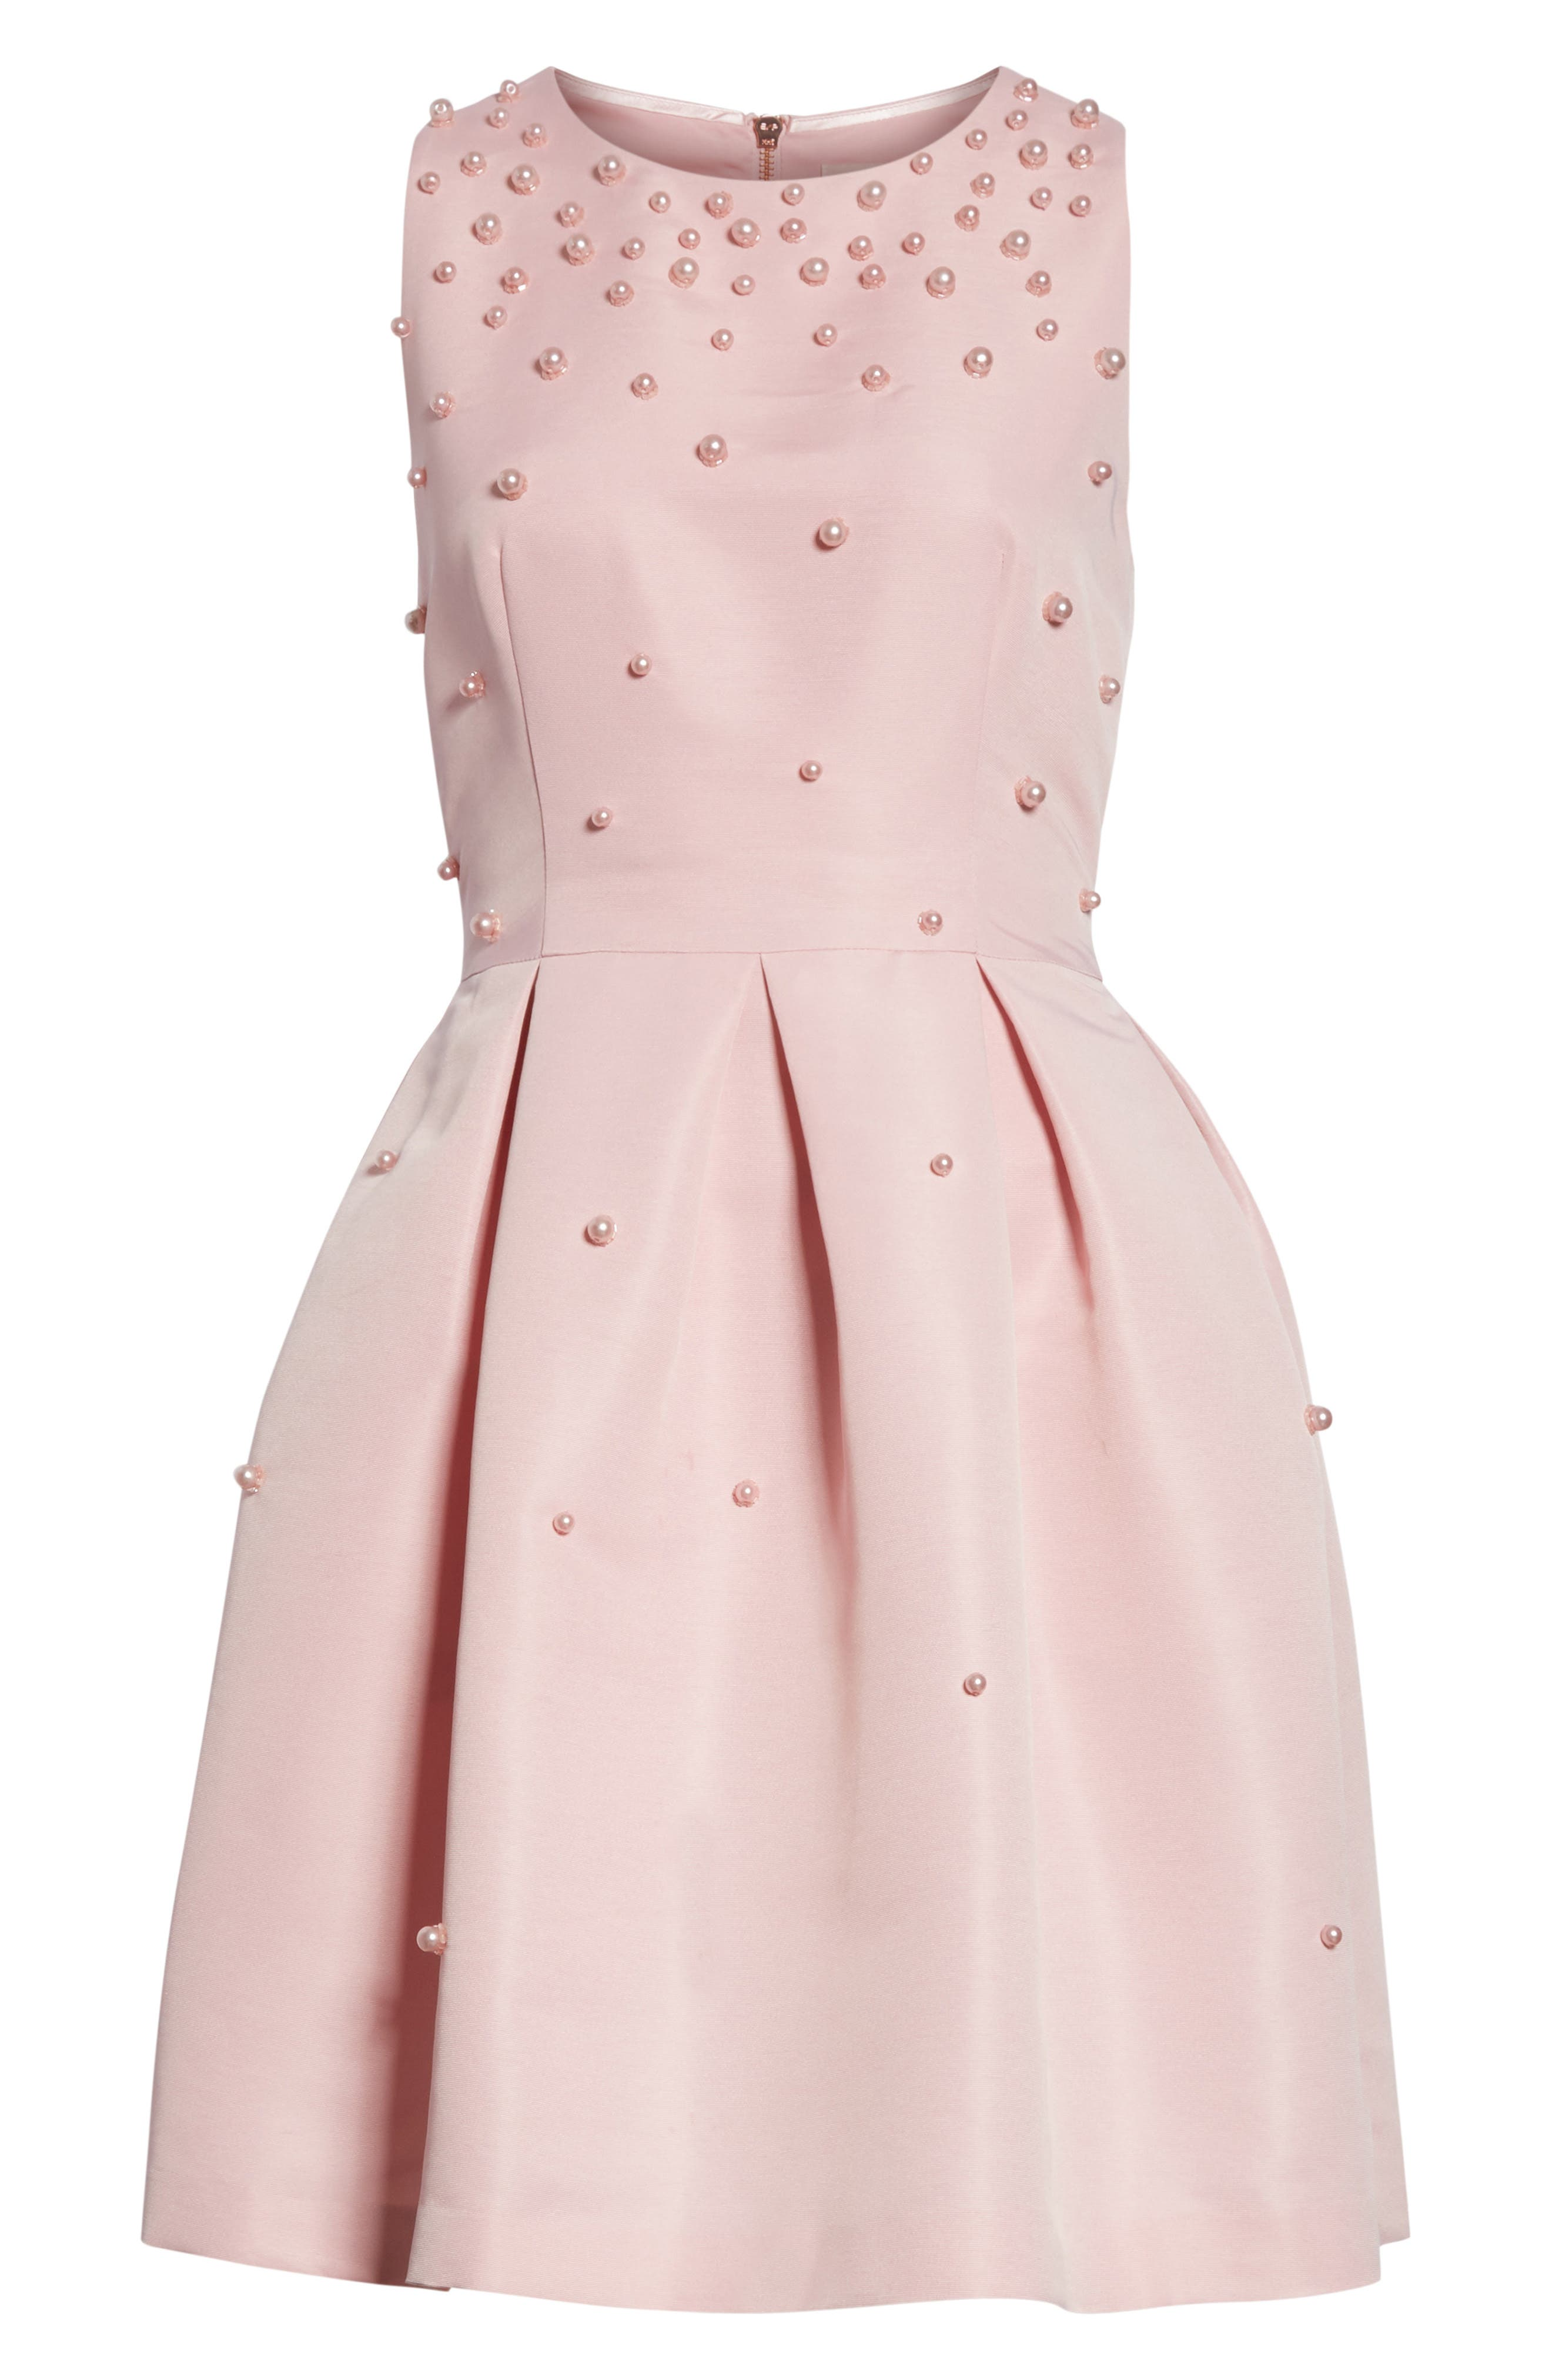 Embellished Skater Dress,                             Alternate thumbnail 6, color,                             Baby Pink